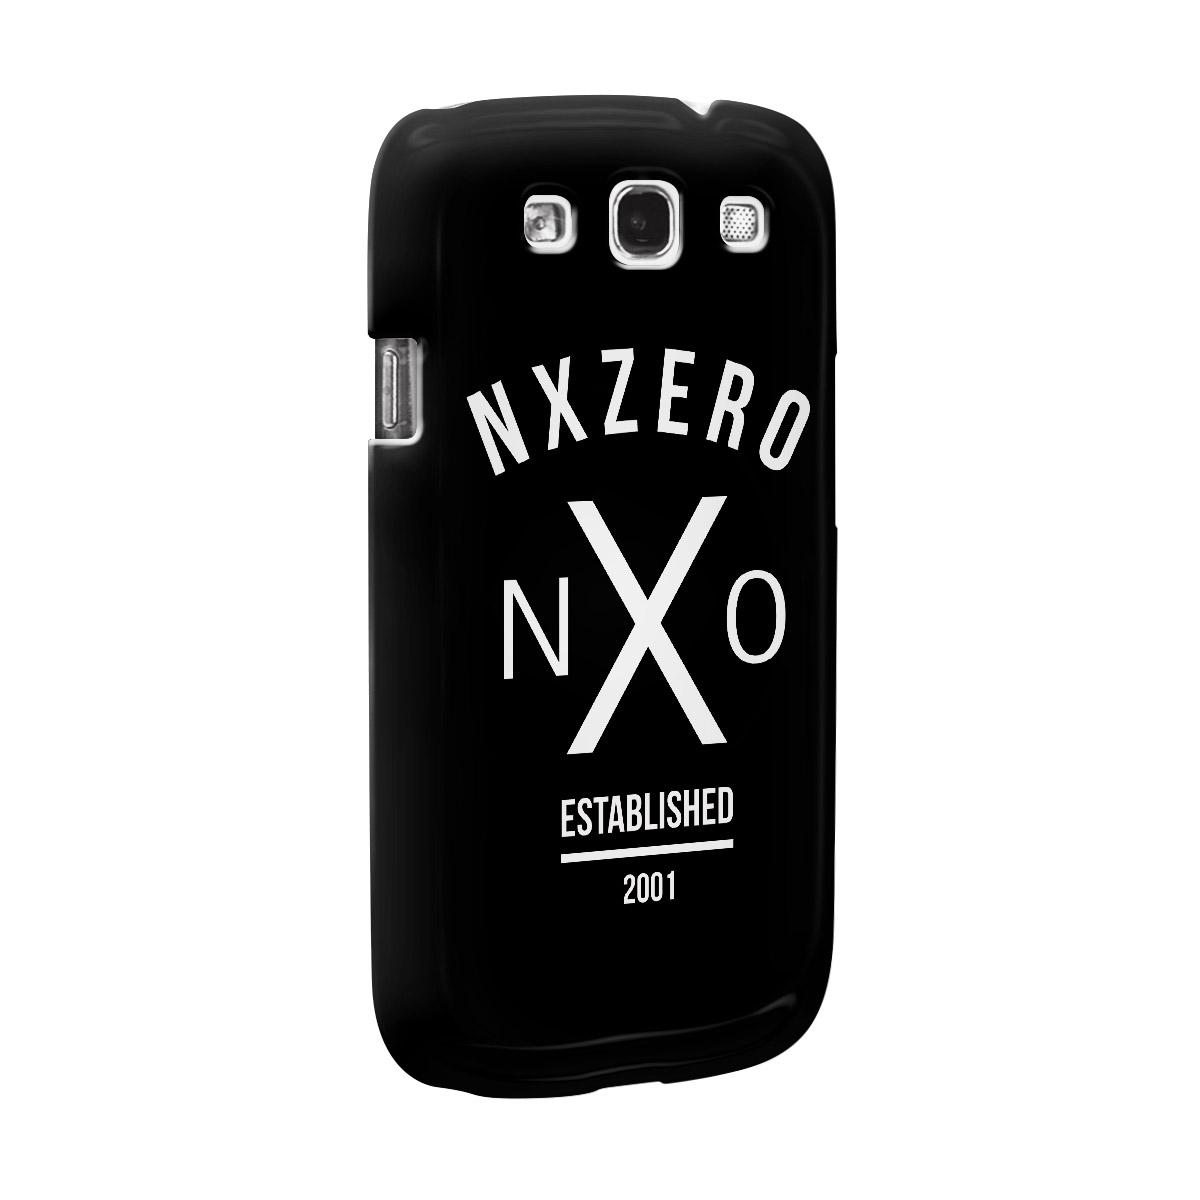 Capa de Celular Samsung Galaxy S3 NXZero NX0